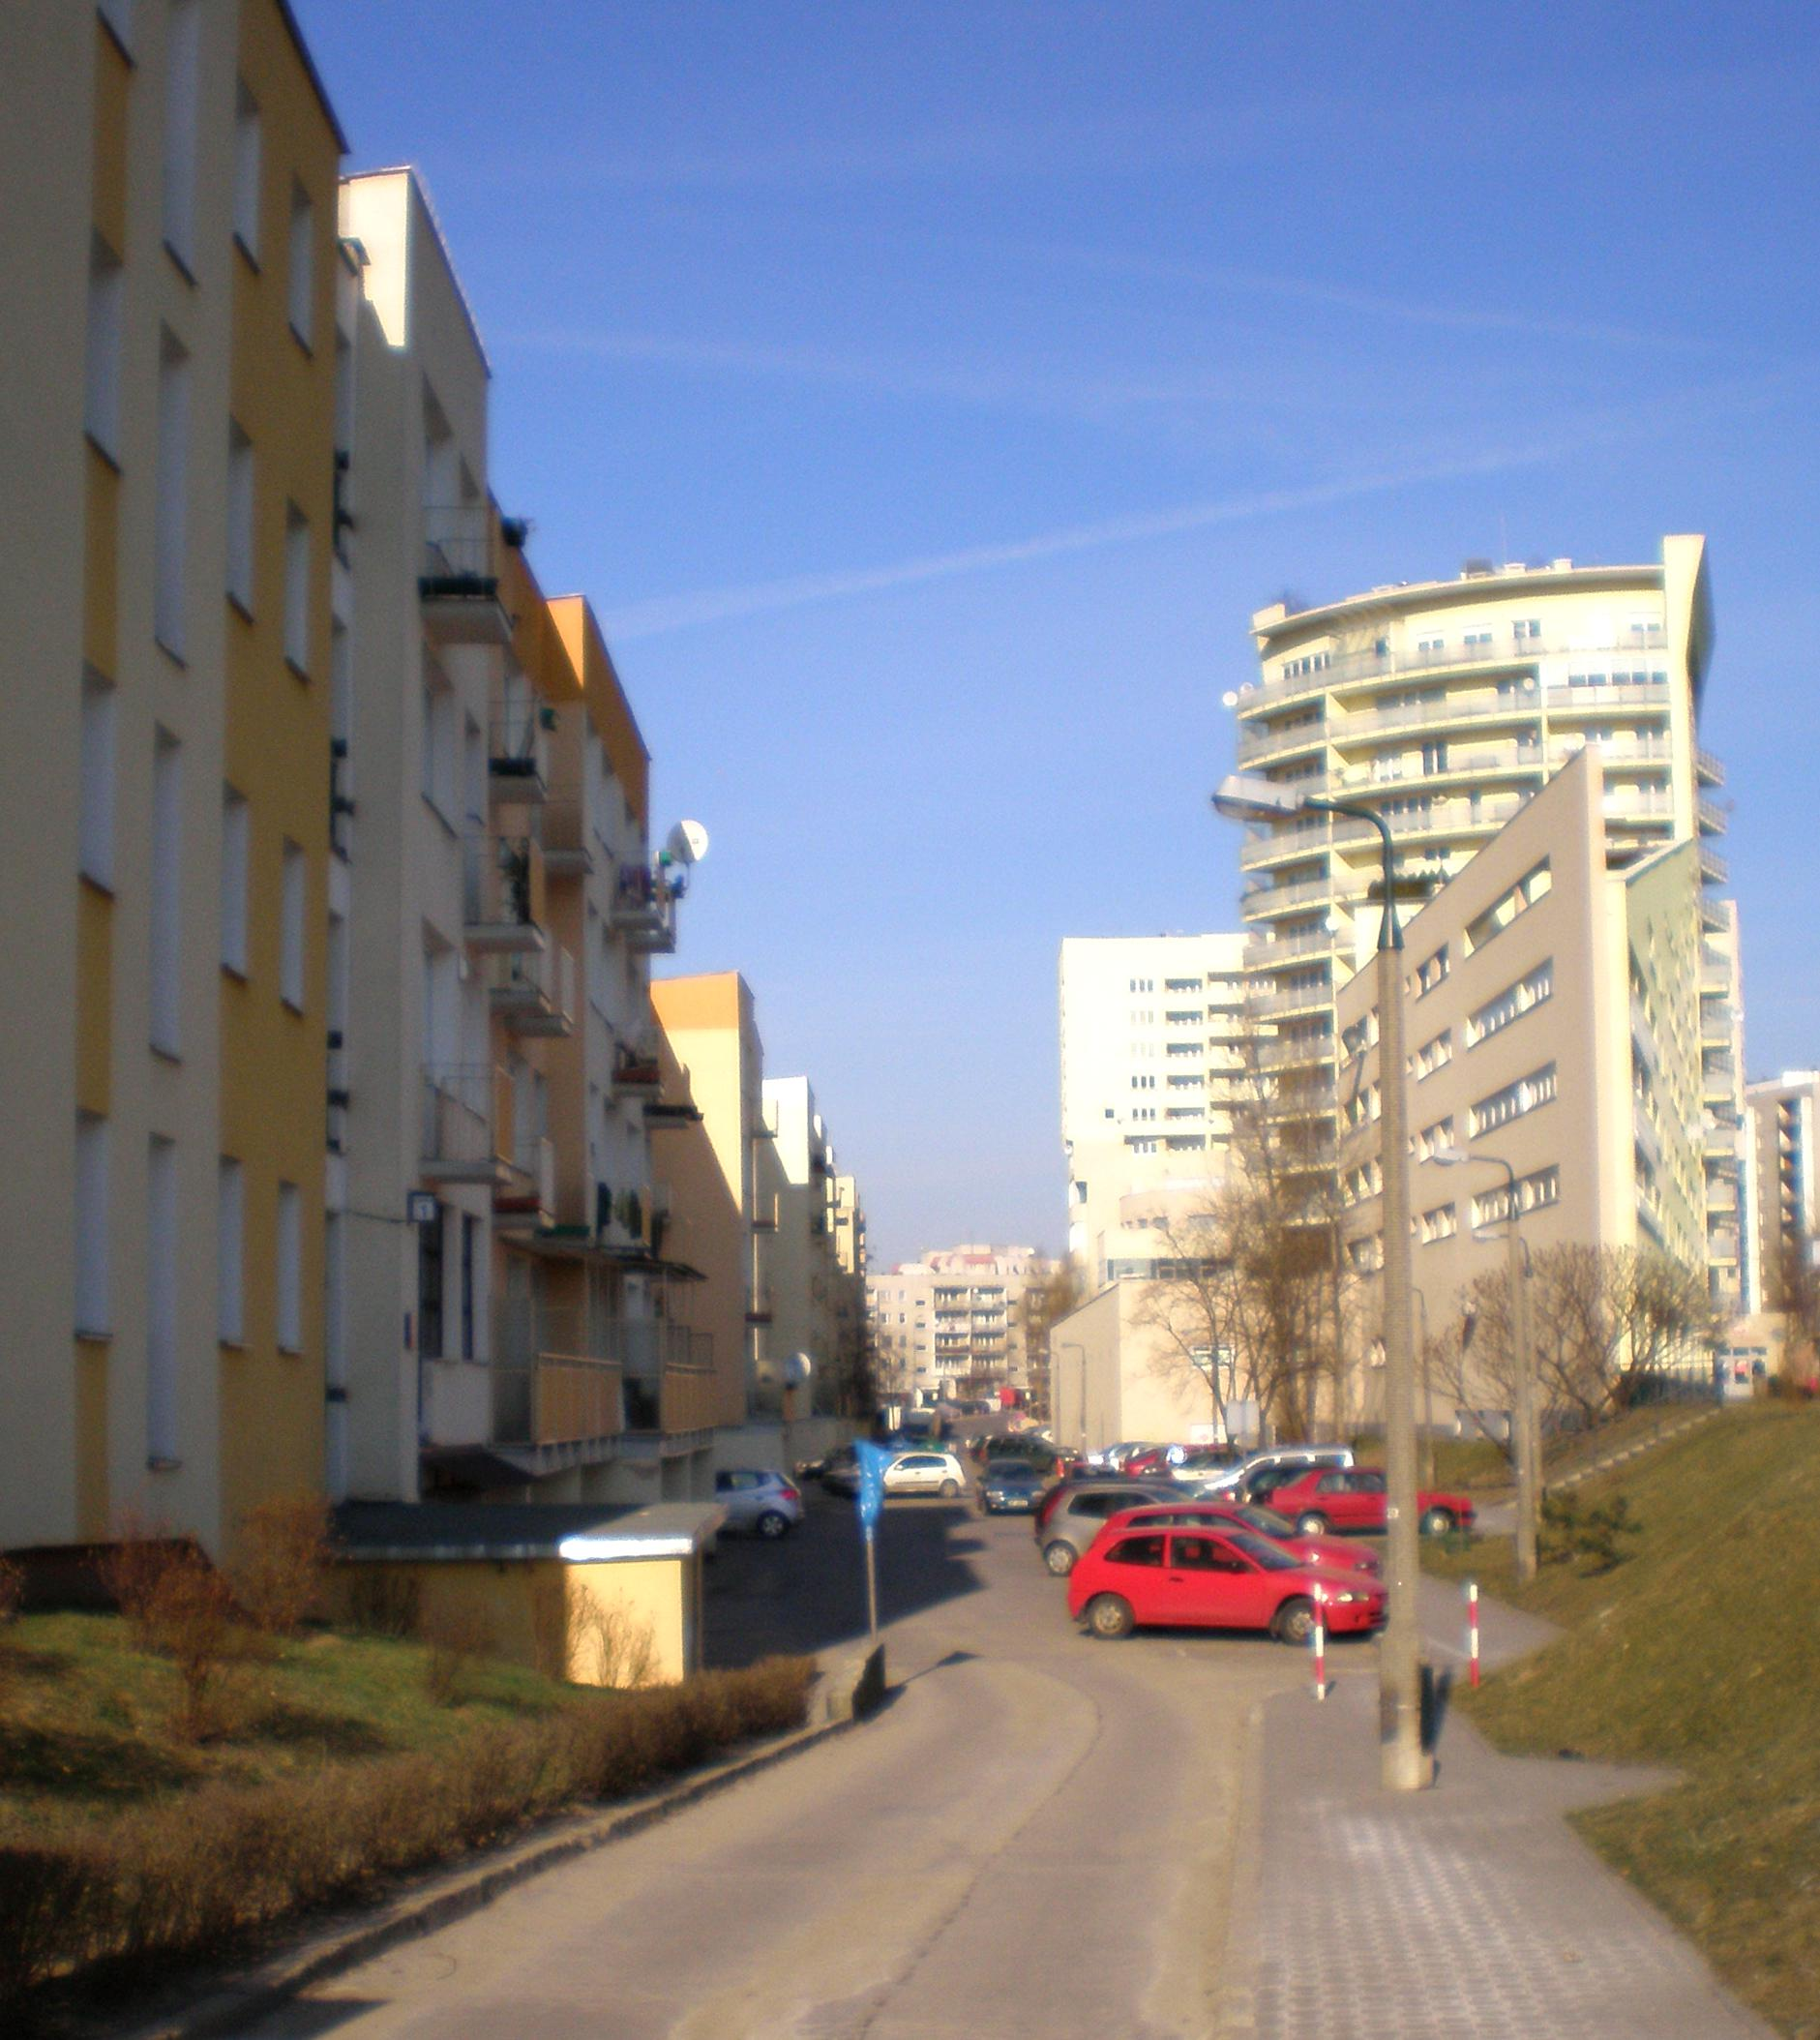 Ulica Żymirskiego